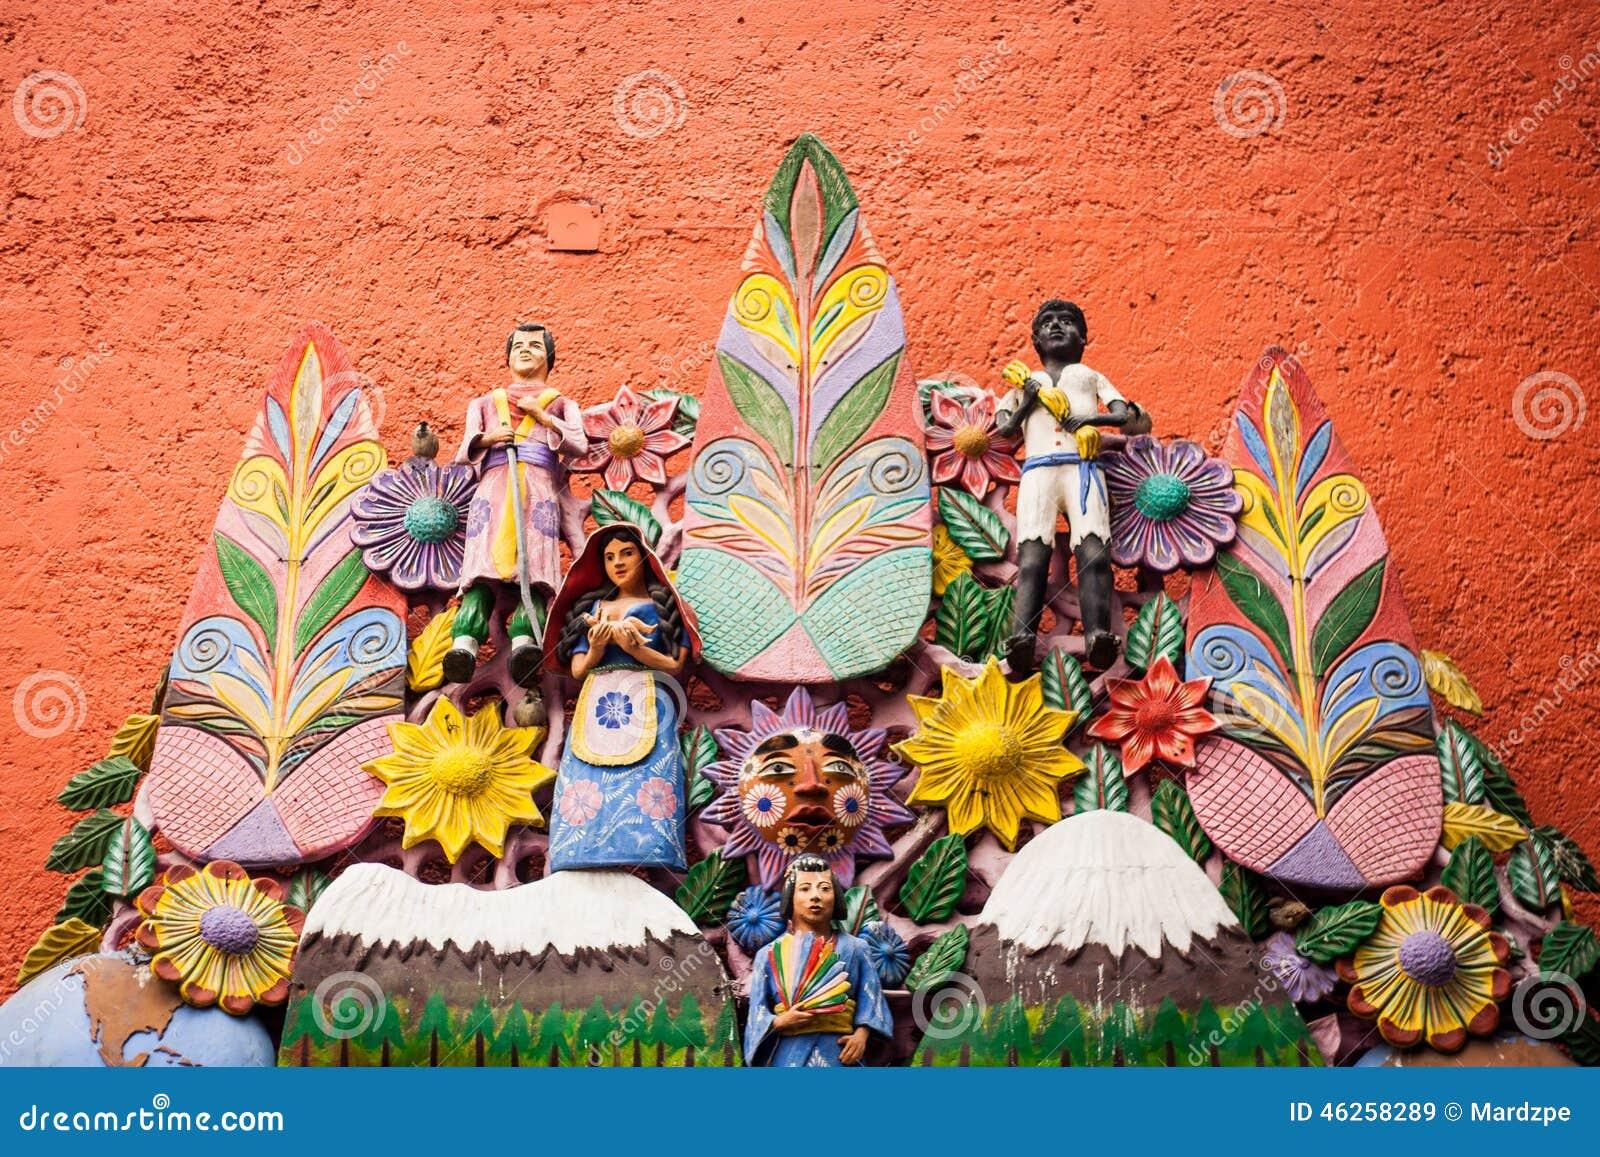 Gr Arbol De La Vida De Boom Van Het Leven Een Azteekse Traditie